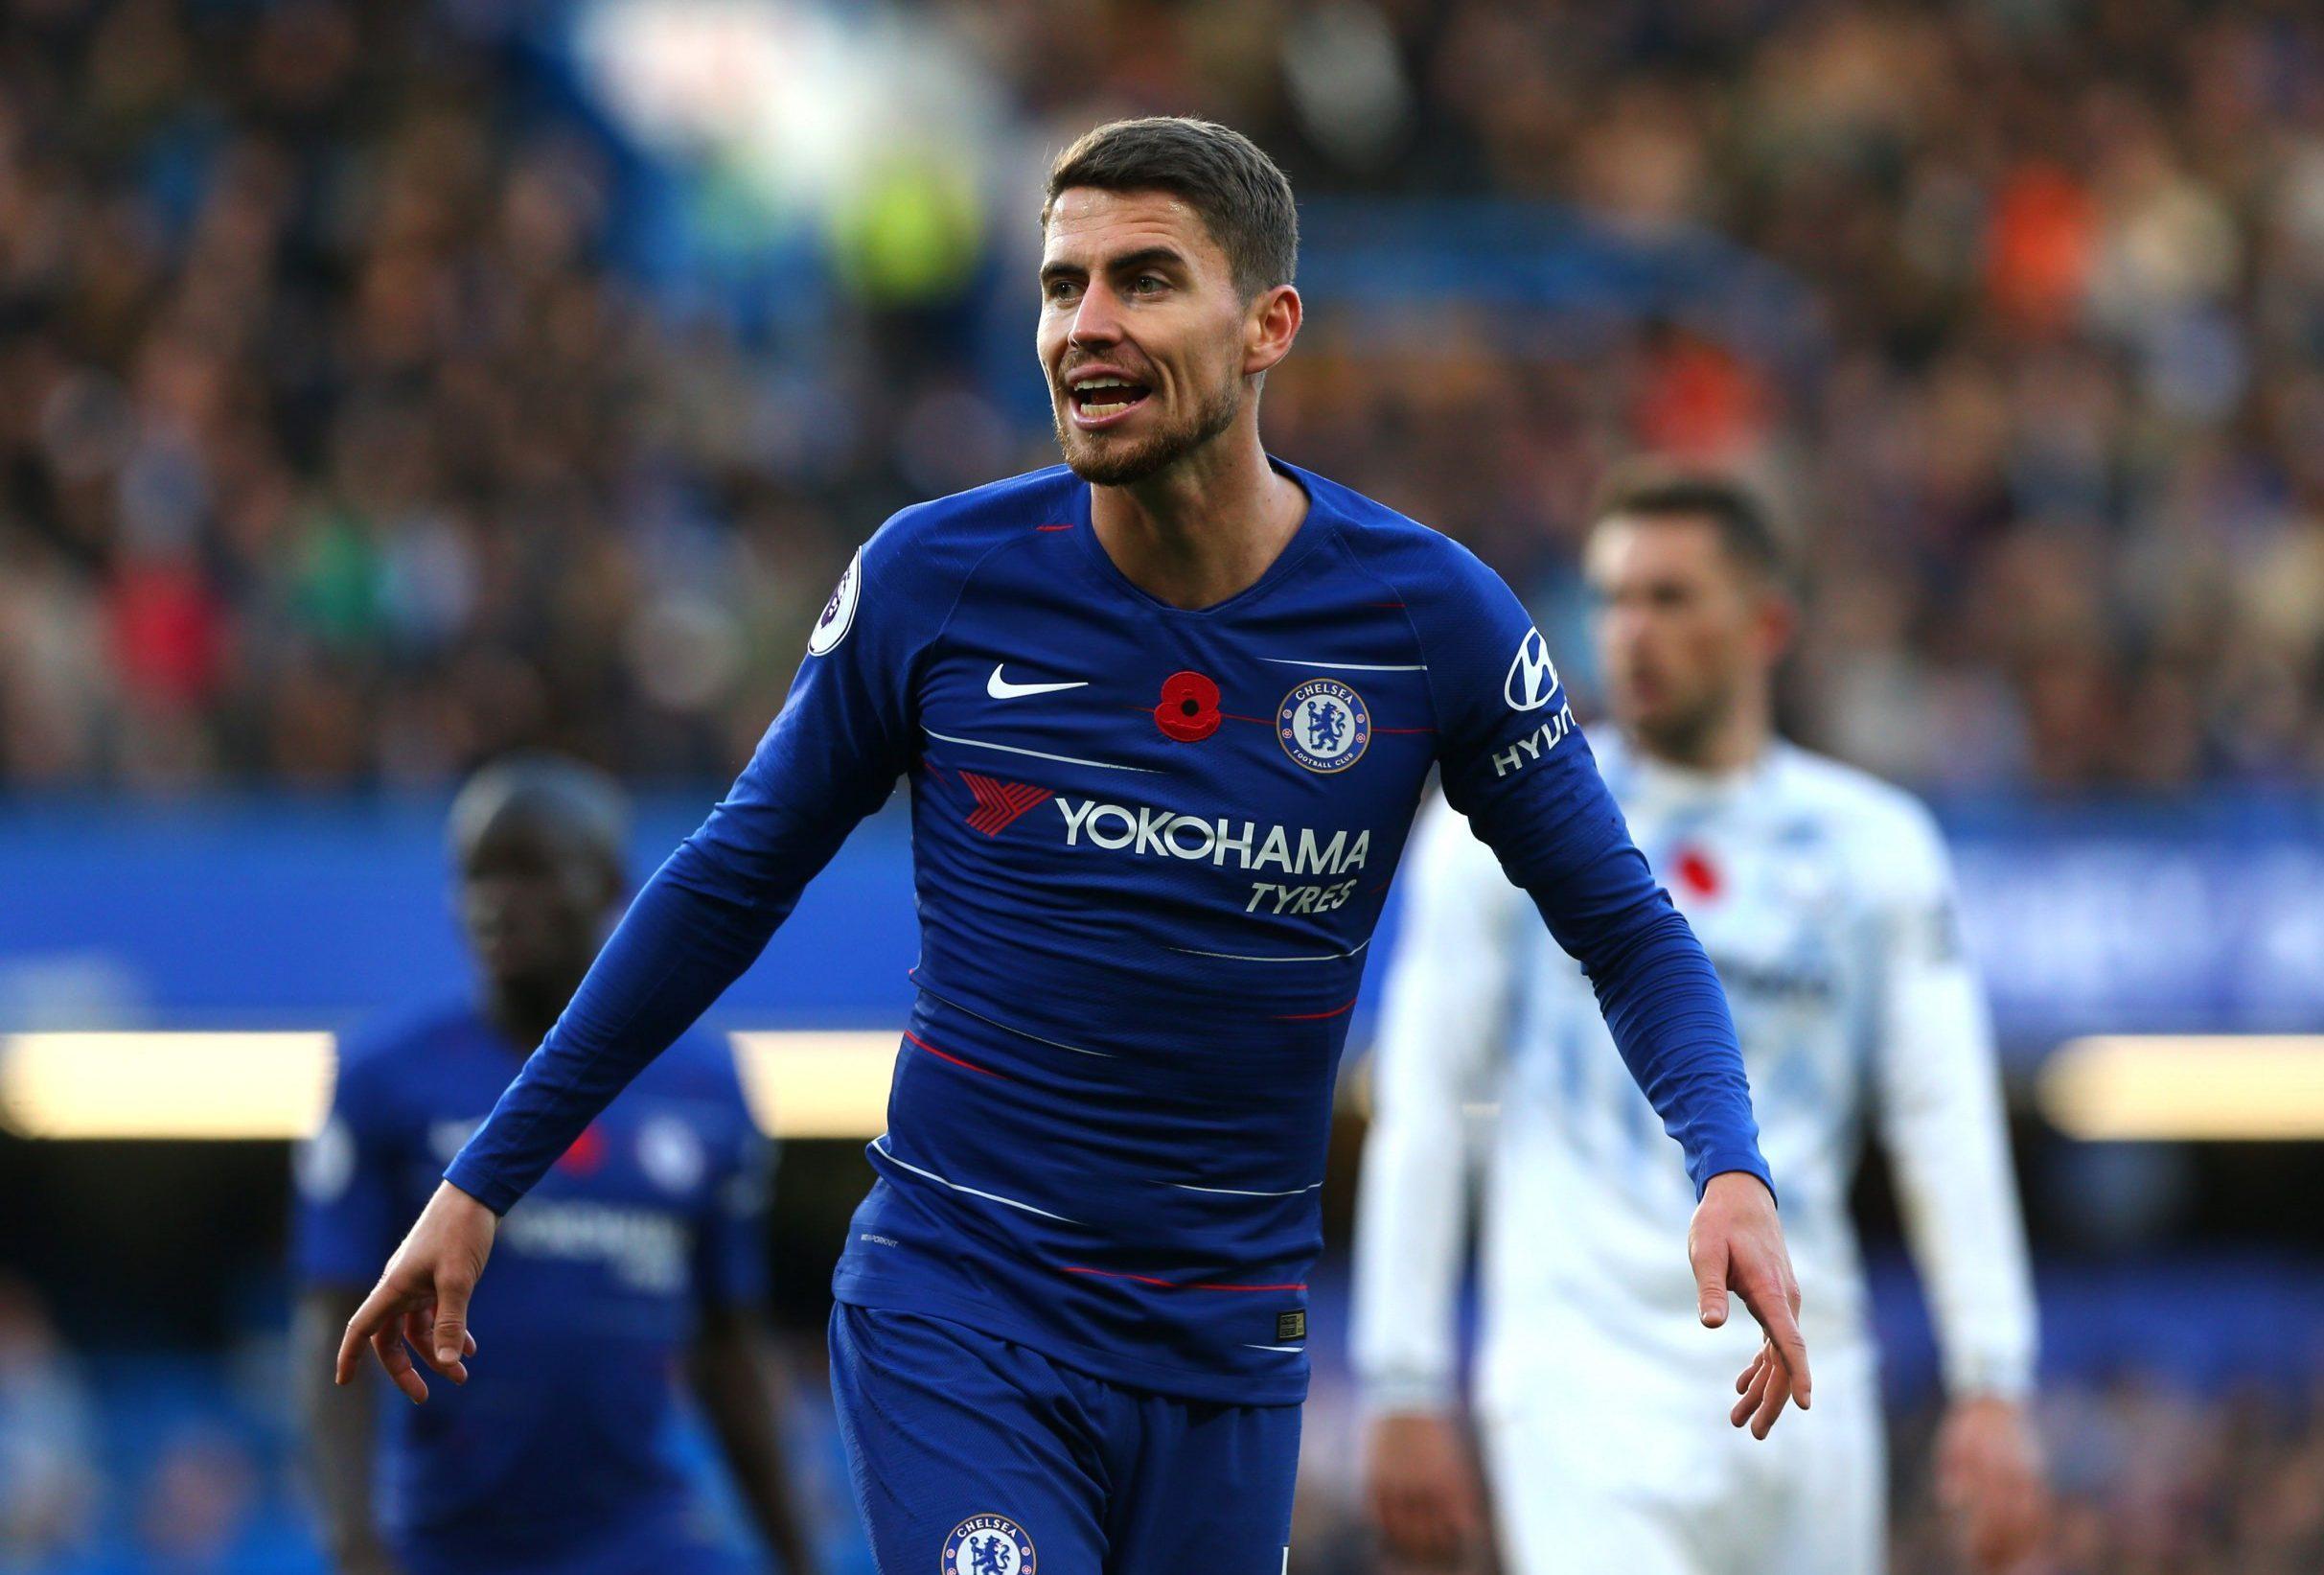 Marco Silva reveals Everton targeted Jorginho to stop Eden Hazard and Chelsea